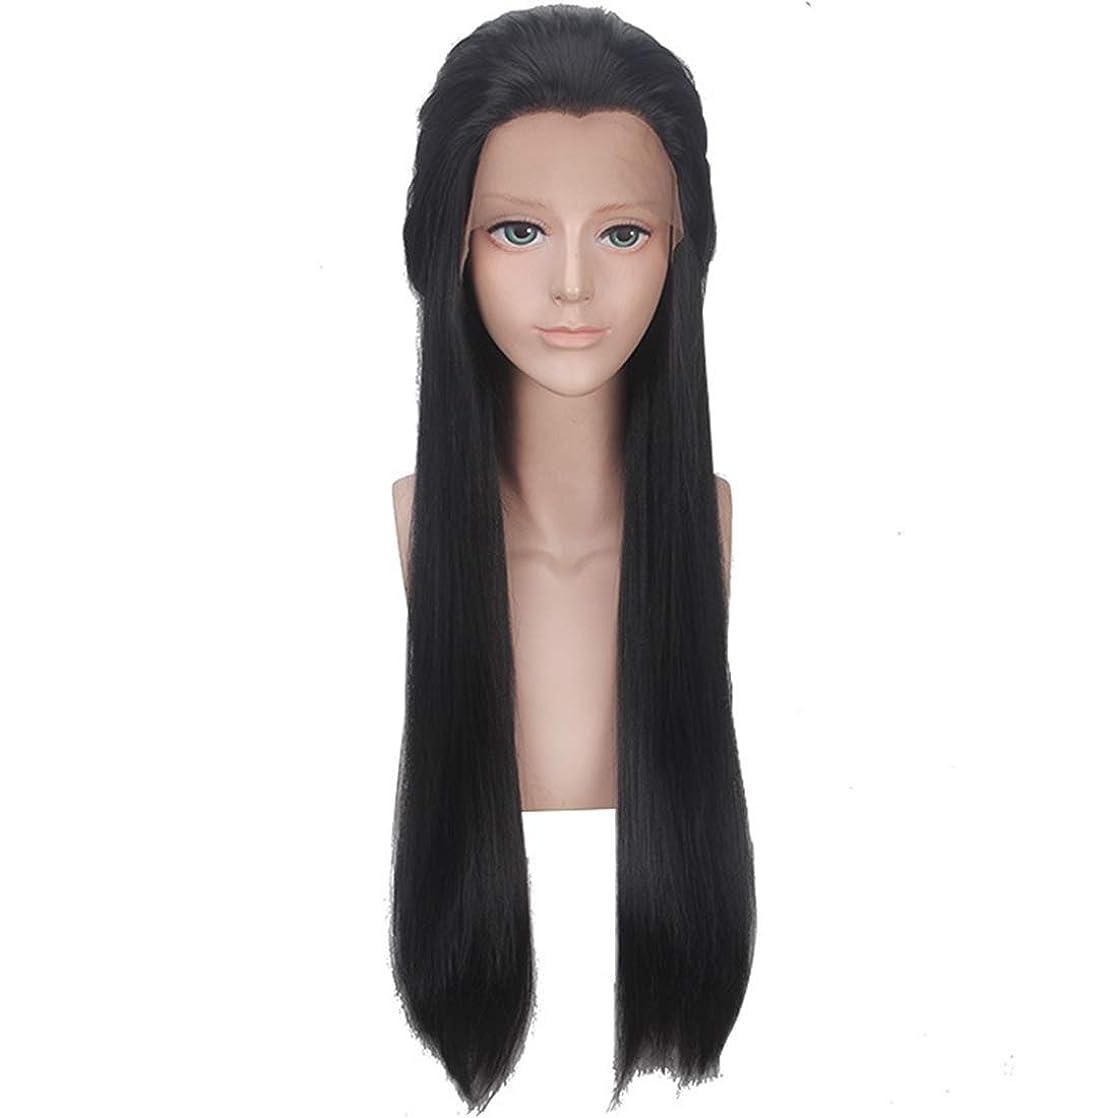 擬人届ける任命するBOBIDYEE ファッションかつら女性の黒の美しさの先のとがった長いストレートの髪化学繊維フロントレースかつら合成髪レースのかつらロールプレイングかつら (色 : 黒)